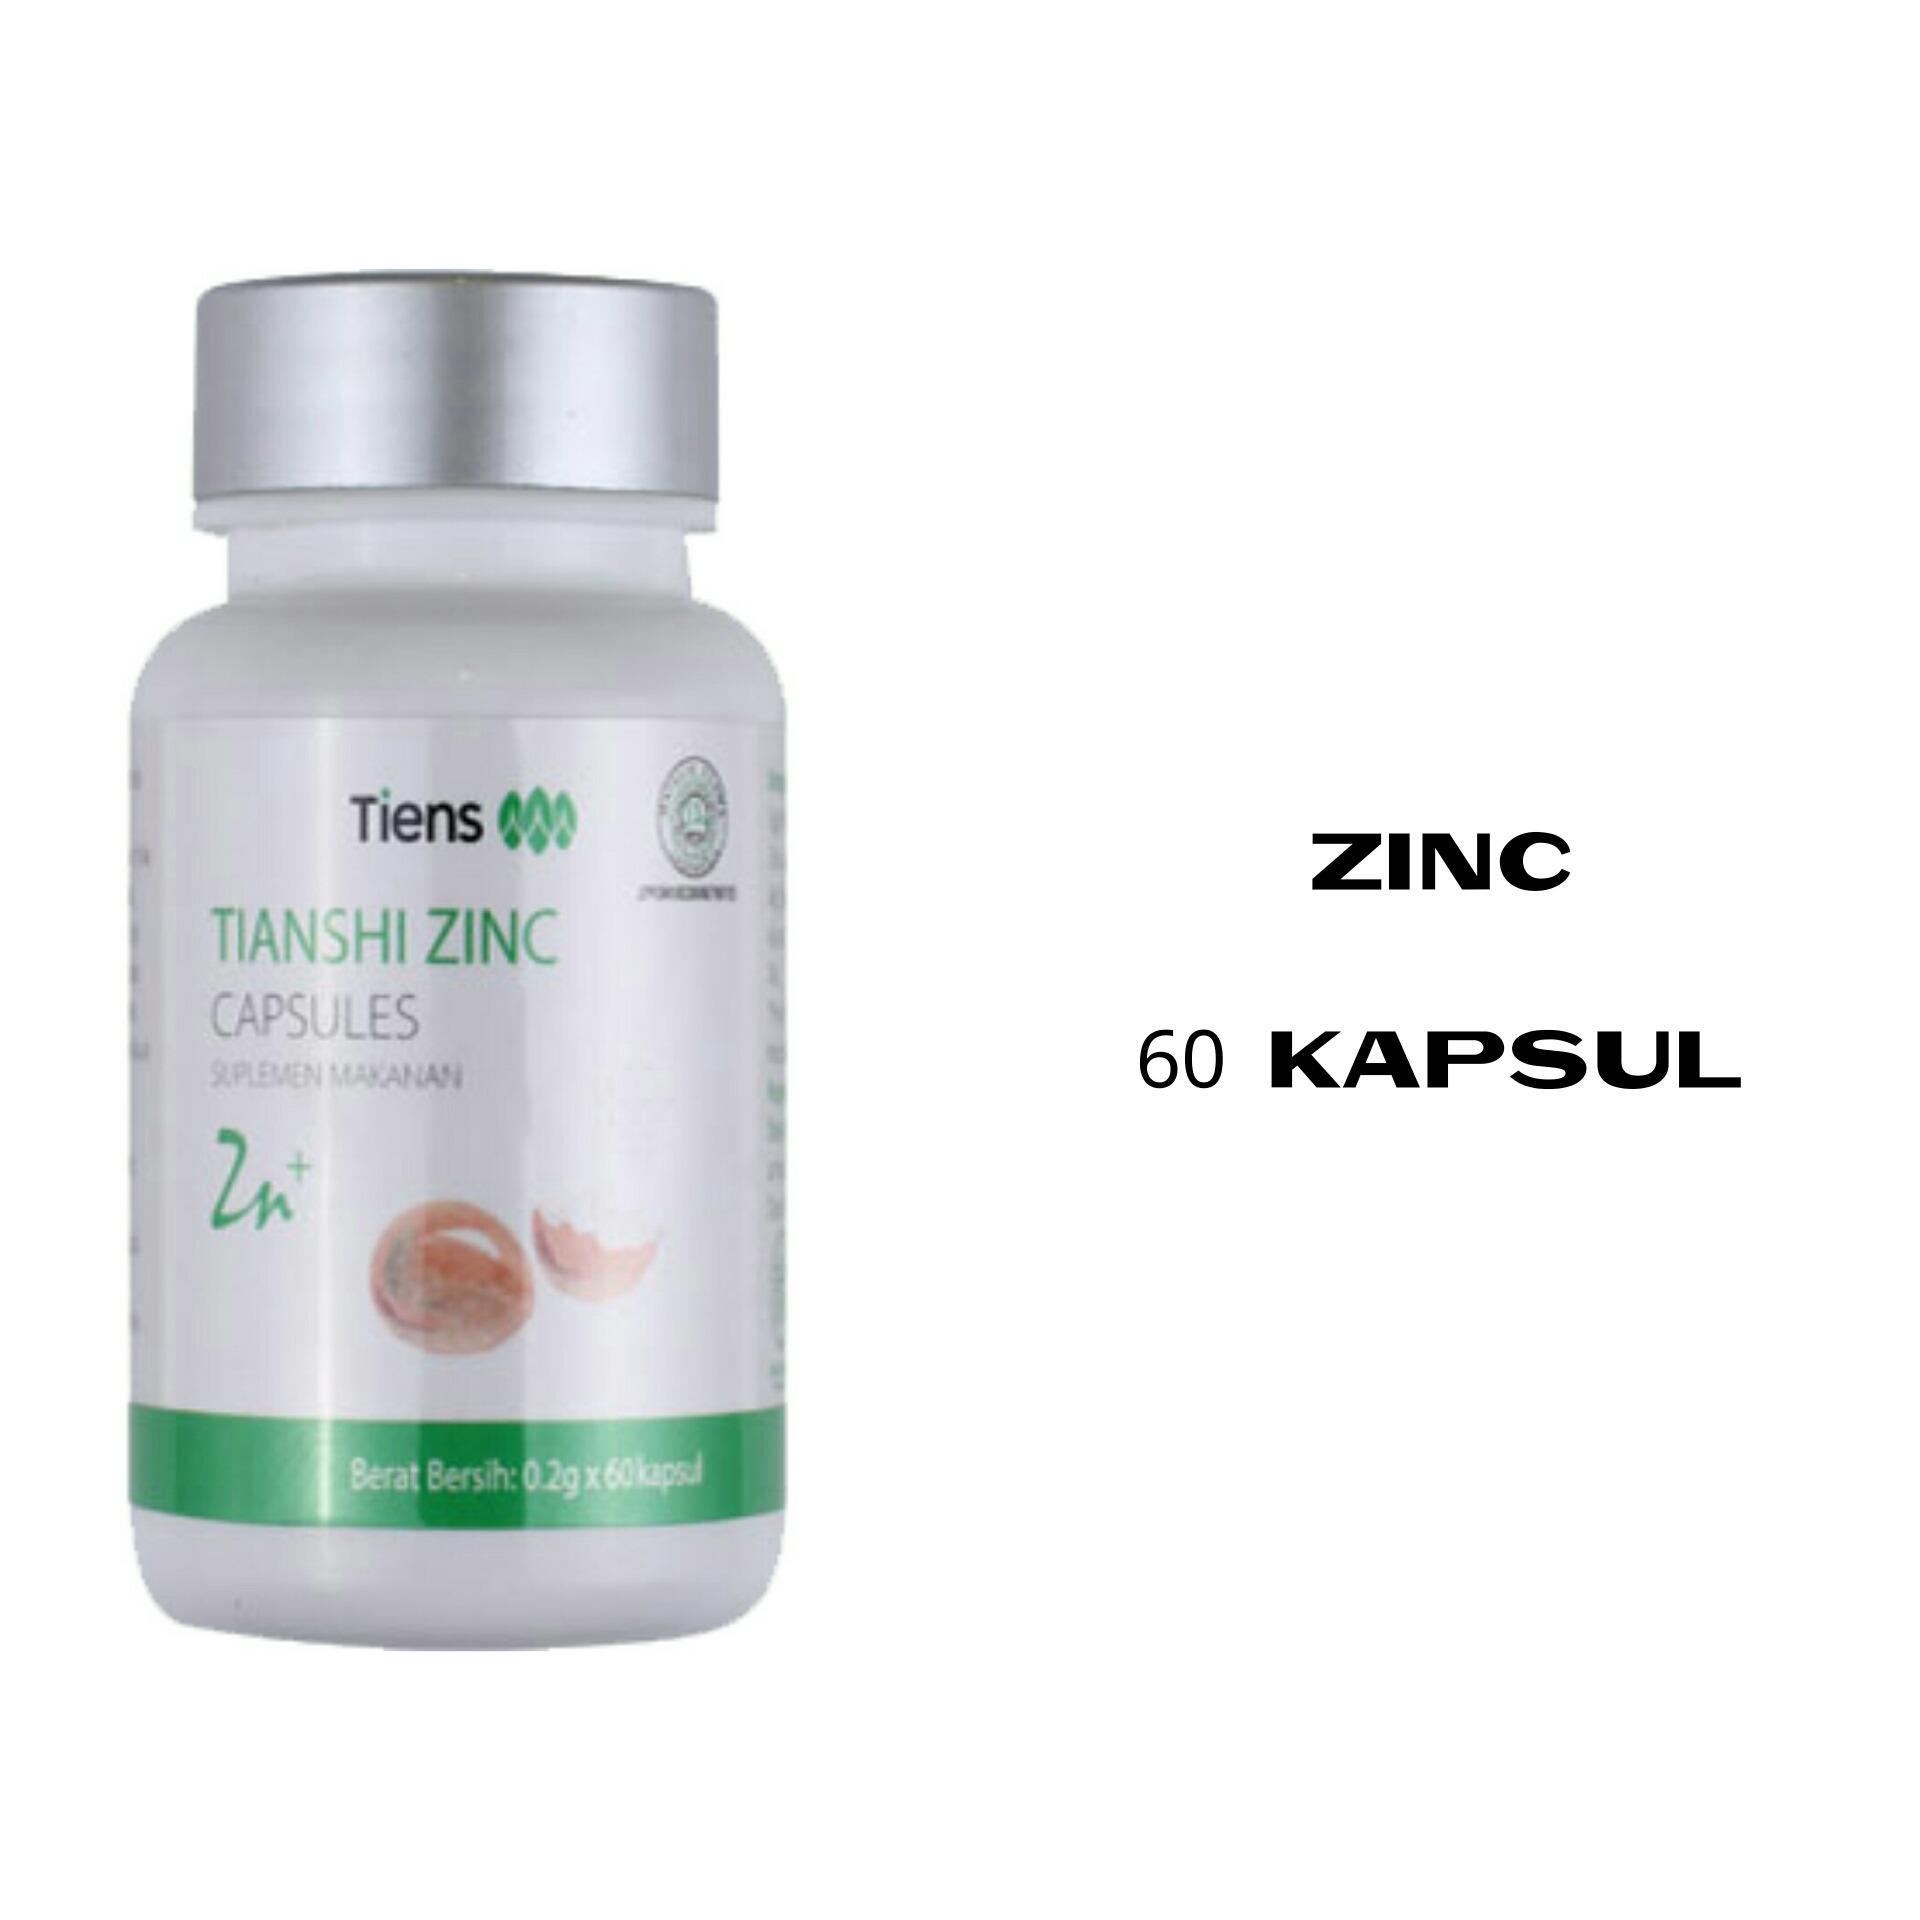 Tiens Halal Store Zinc Memelihara Penglihatan Normal Dan Kesehatan Kulit By Tiens Halal Store.